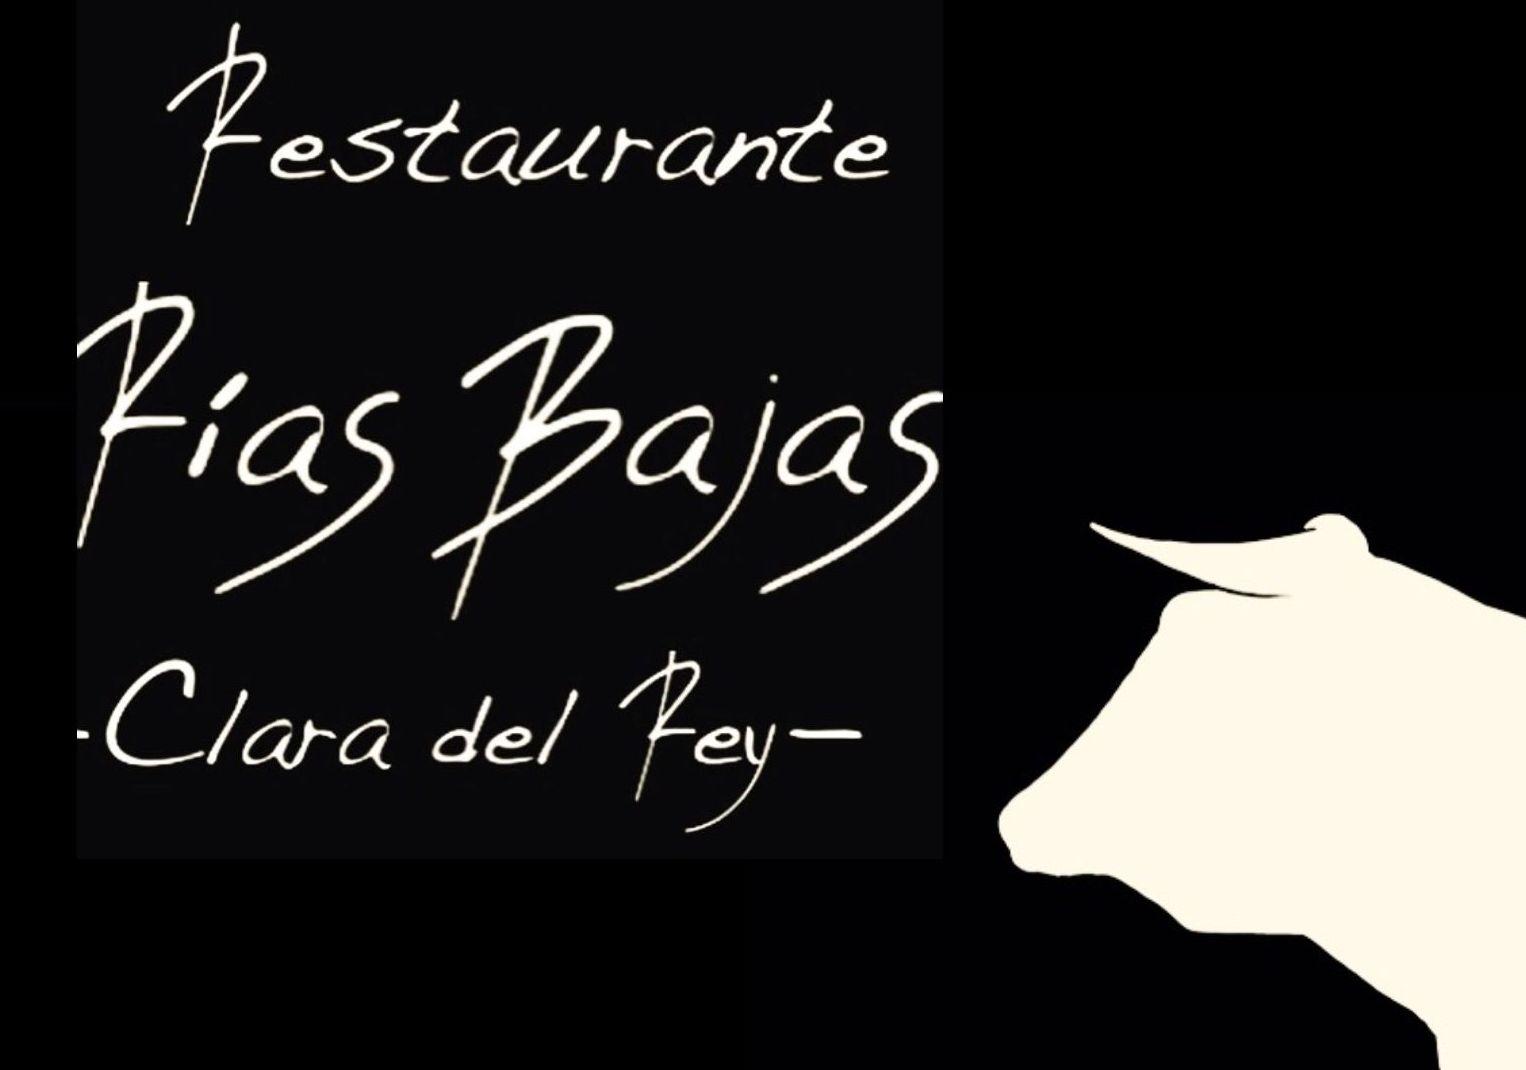 Foto 1 de Cocina gallega en Madrid | Restaurante Rías Bajas Clara del Rey